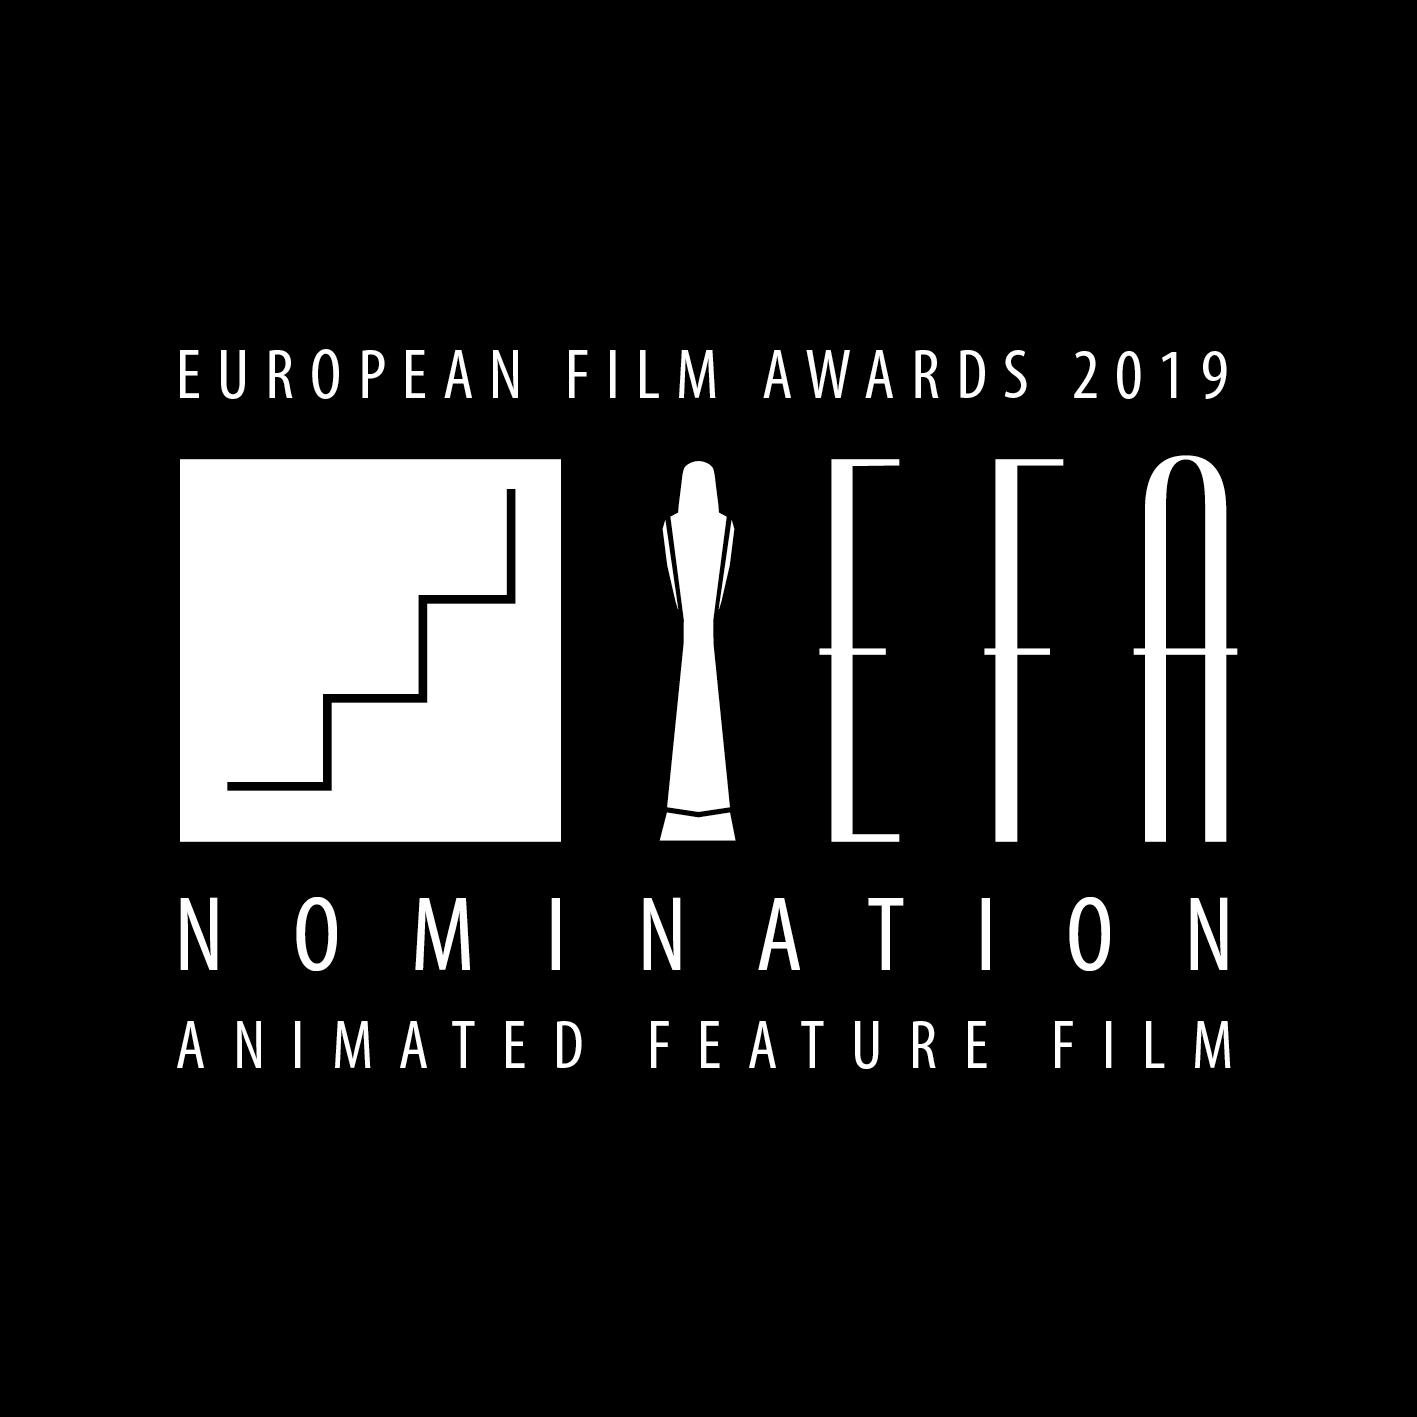 18_EFA2019_Nomination_ANIMATED_FEATURE_FILM_White